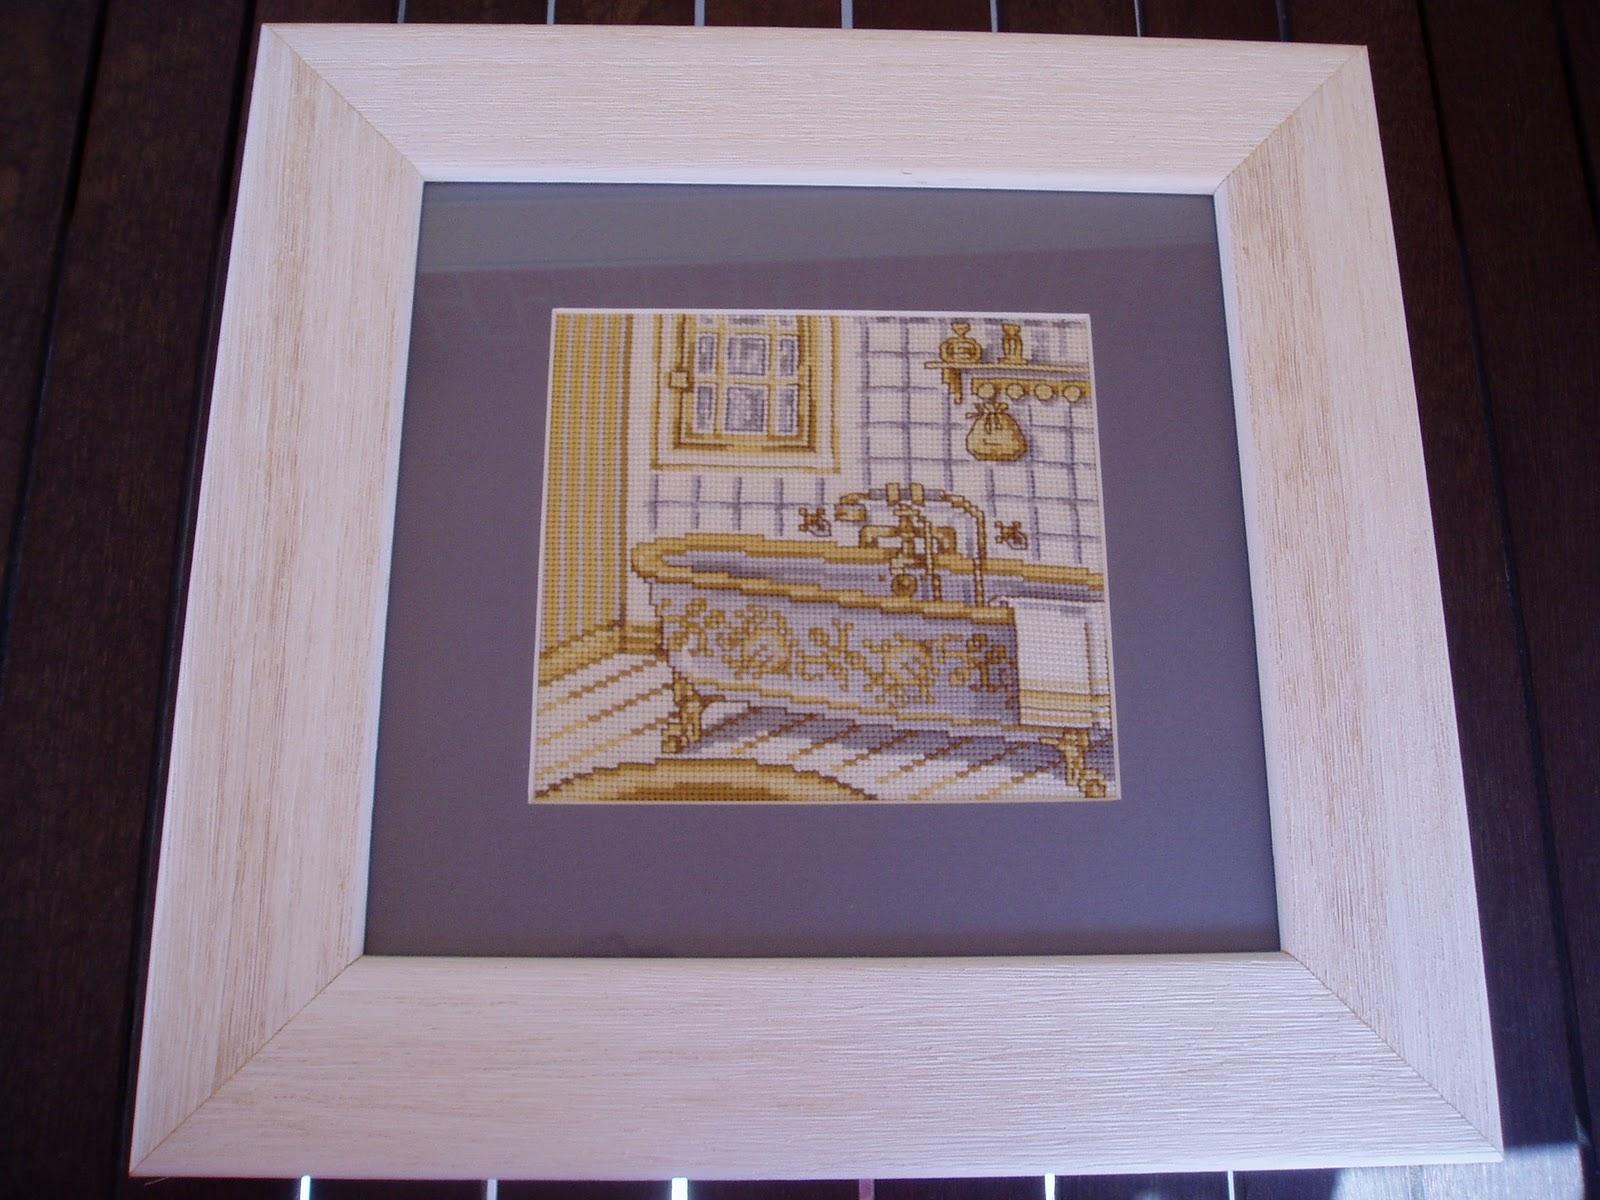 El costurero de teresa cuadros de cuarto de ba o for Cuadros cuarto de bano originales